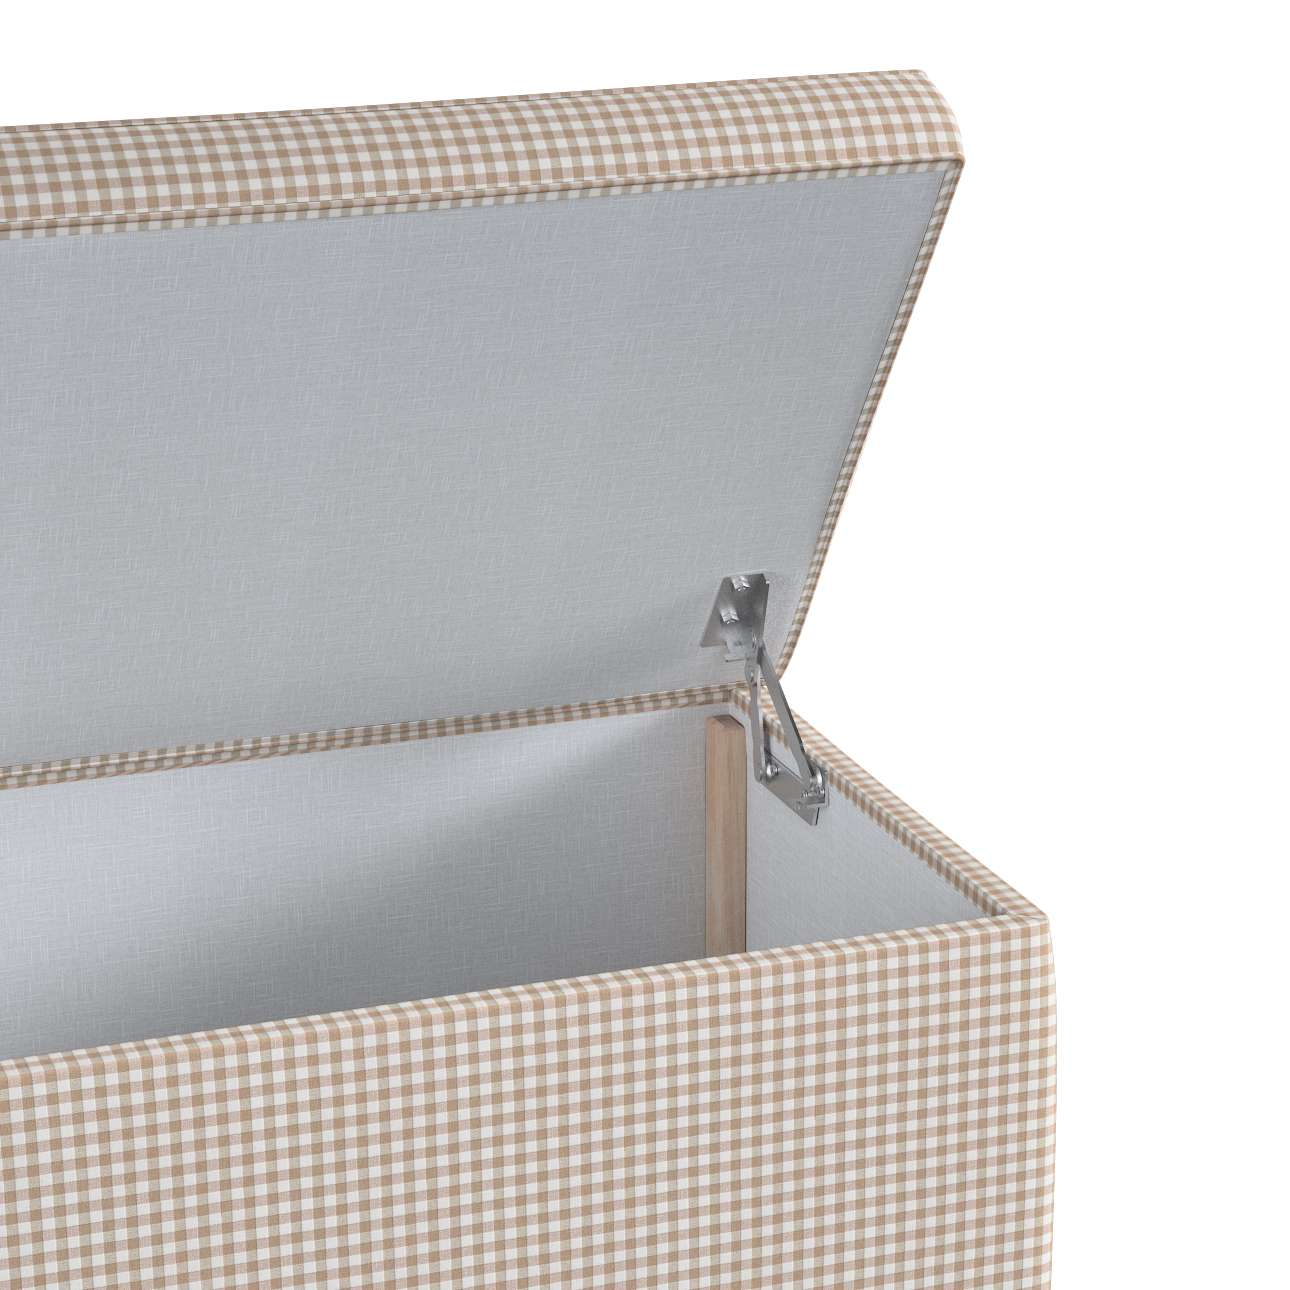 Truhlica čalúnená V kolekcii Quadro, tkanina: 136-05